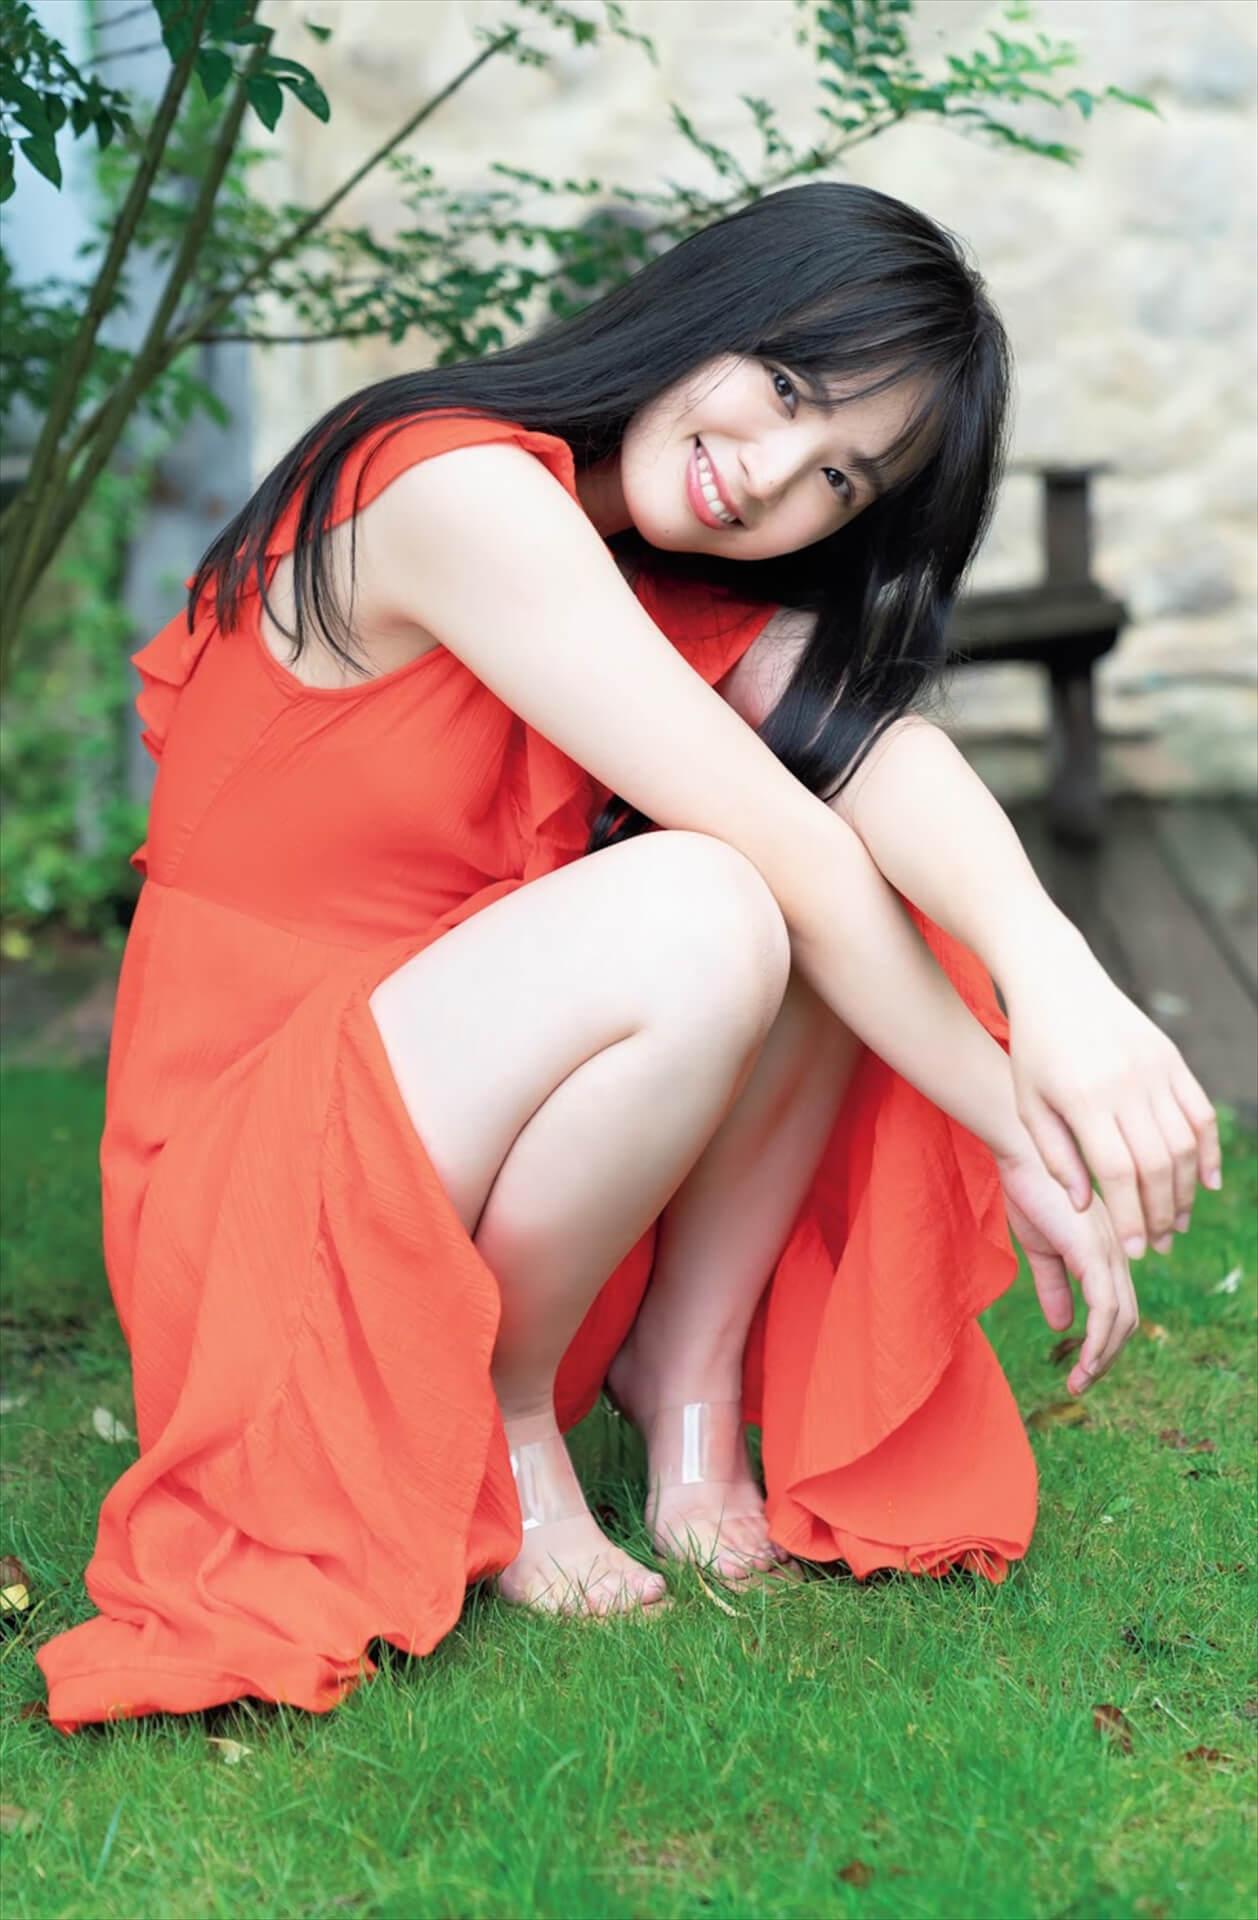 健康美ボディで注目の立野沙紀が『ヤングアニマル』グラビアページでナチュラルな姿を披露! art200911_tatenosaki_1